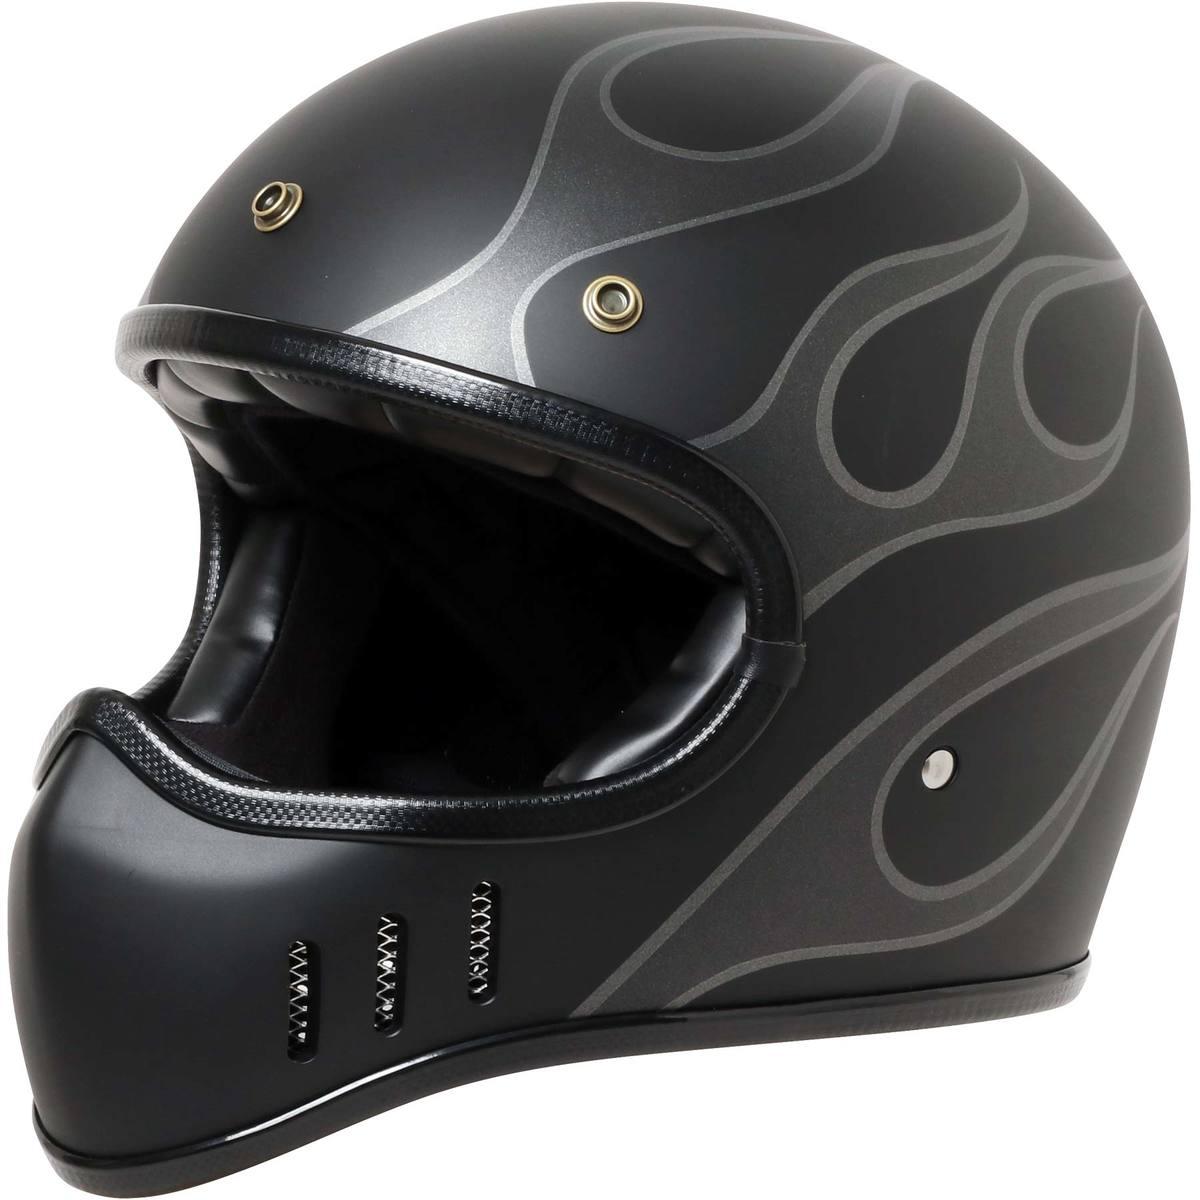 人気の レトロヘルメットにデザインヘルメット が登場デザインは派手ですが落ち着いたカラーでクールなヘルメット に仕上がっております 捧呈 新品アウトレット ROAD WARRIOR ジョンソン 価格交渉OK送料無料 ロードウォリアー デザイン ファイヤー パターン ハーレー ヴィンテージ ヘルメット アメリカン ストリート ロード レトロ オートバイ オフロード シールド バイク